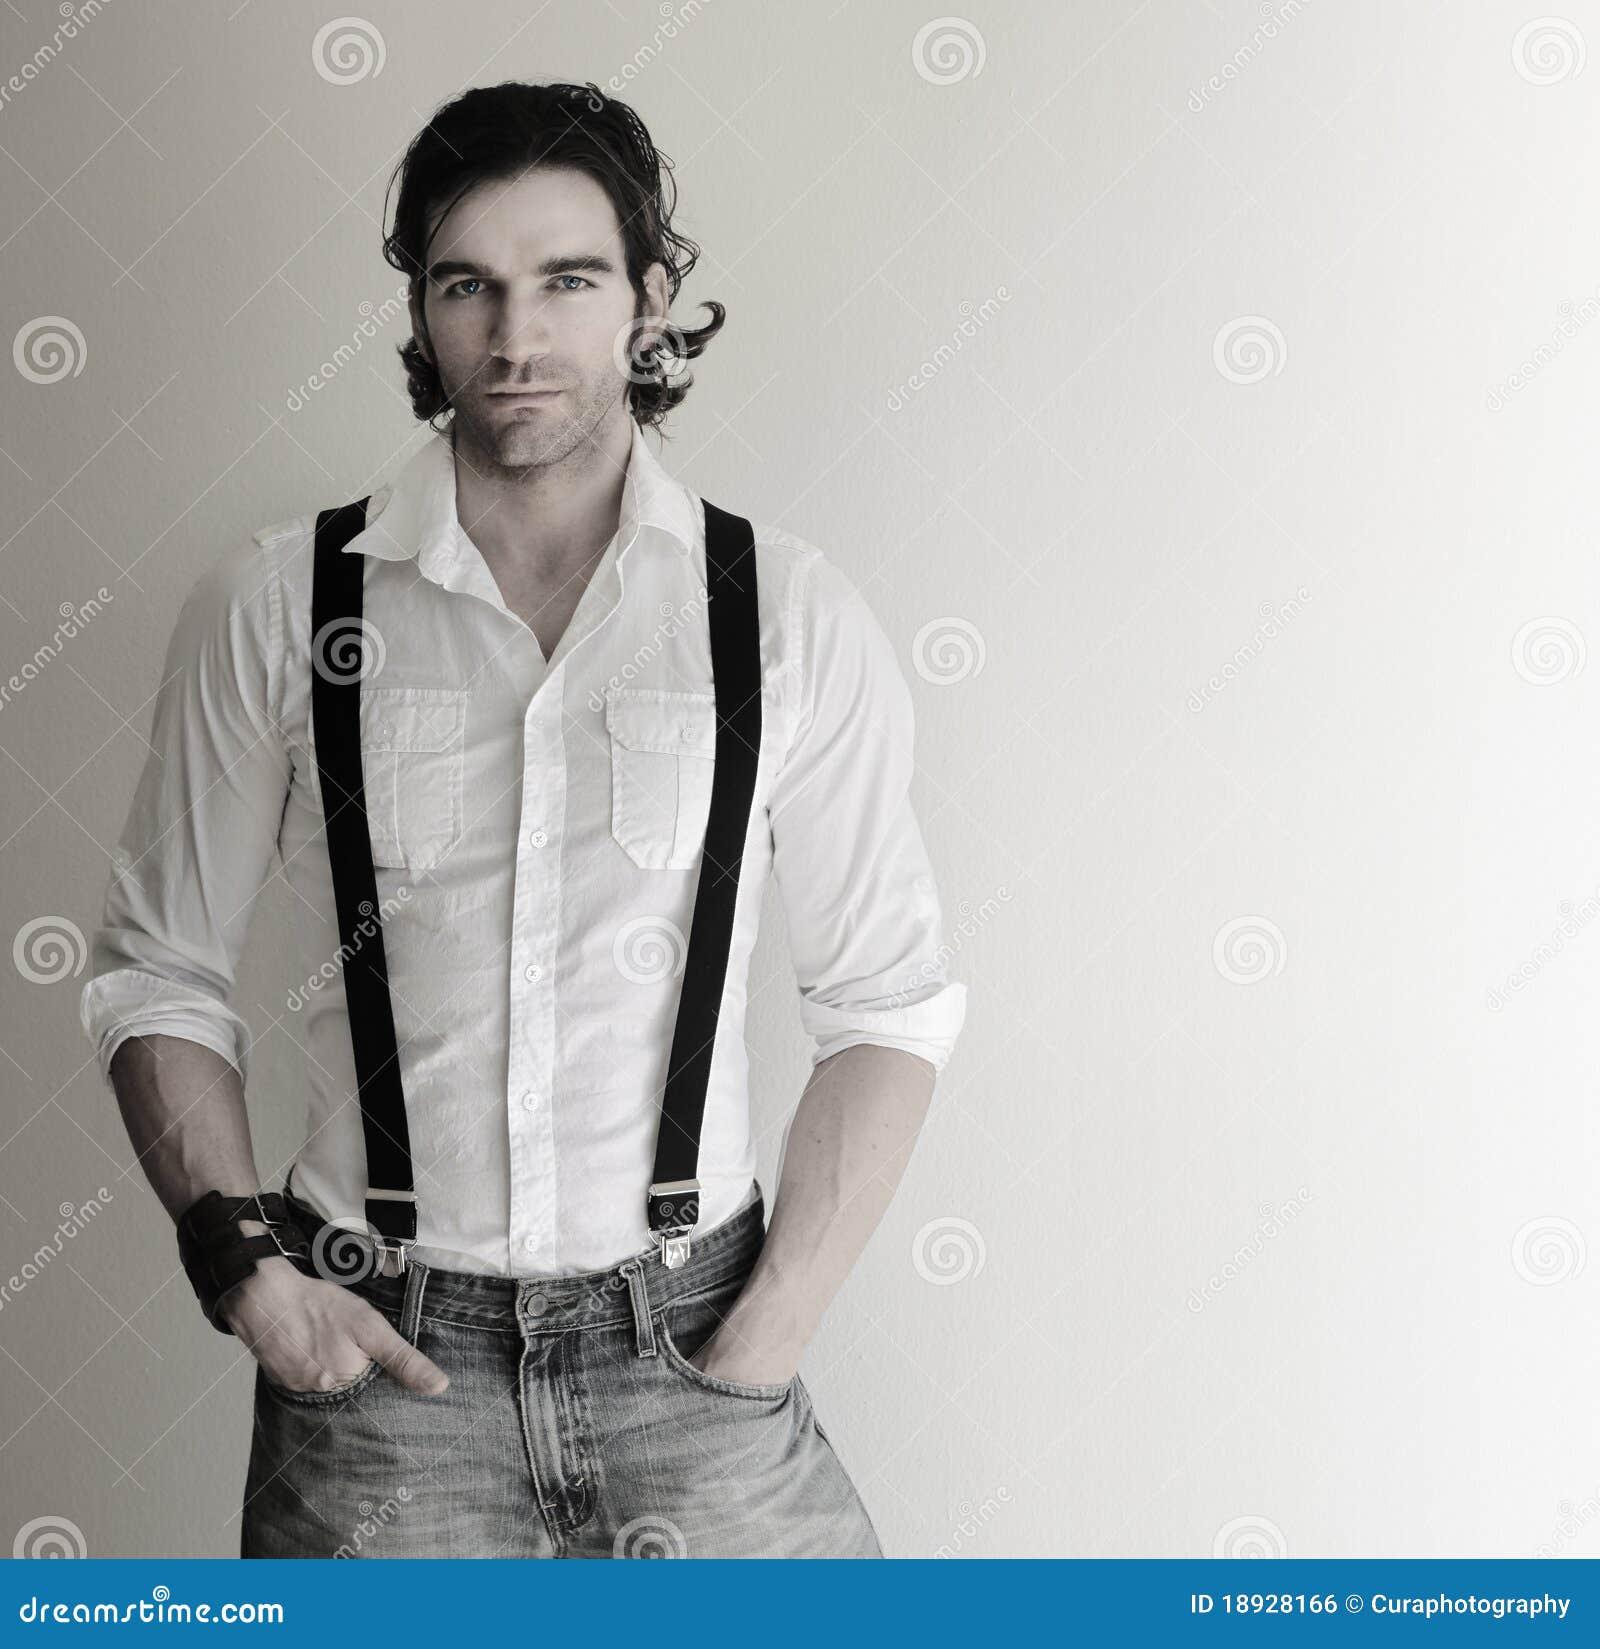 Vestito Matrimonio Uomo Bretelle : Uomo in bretelle fotografia stock immagine di ritratto